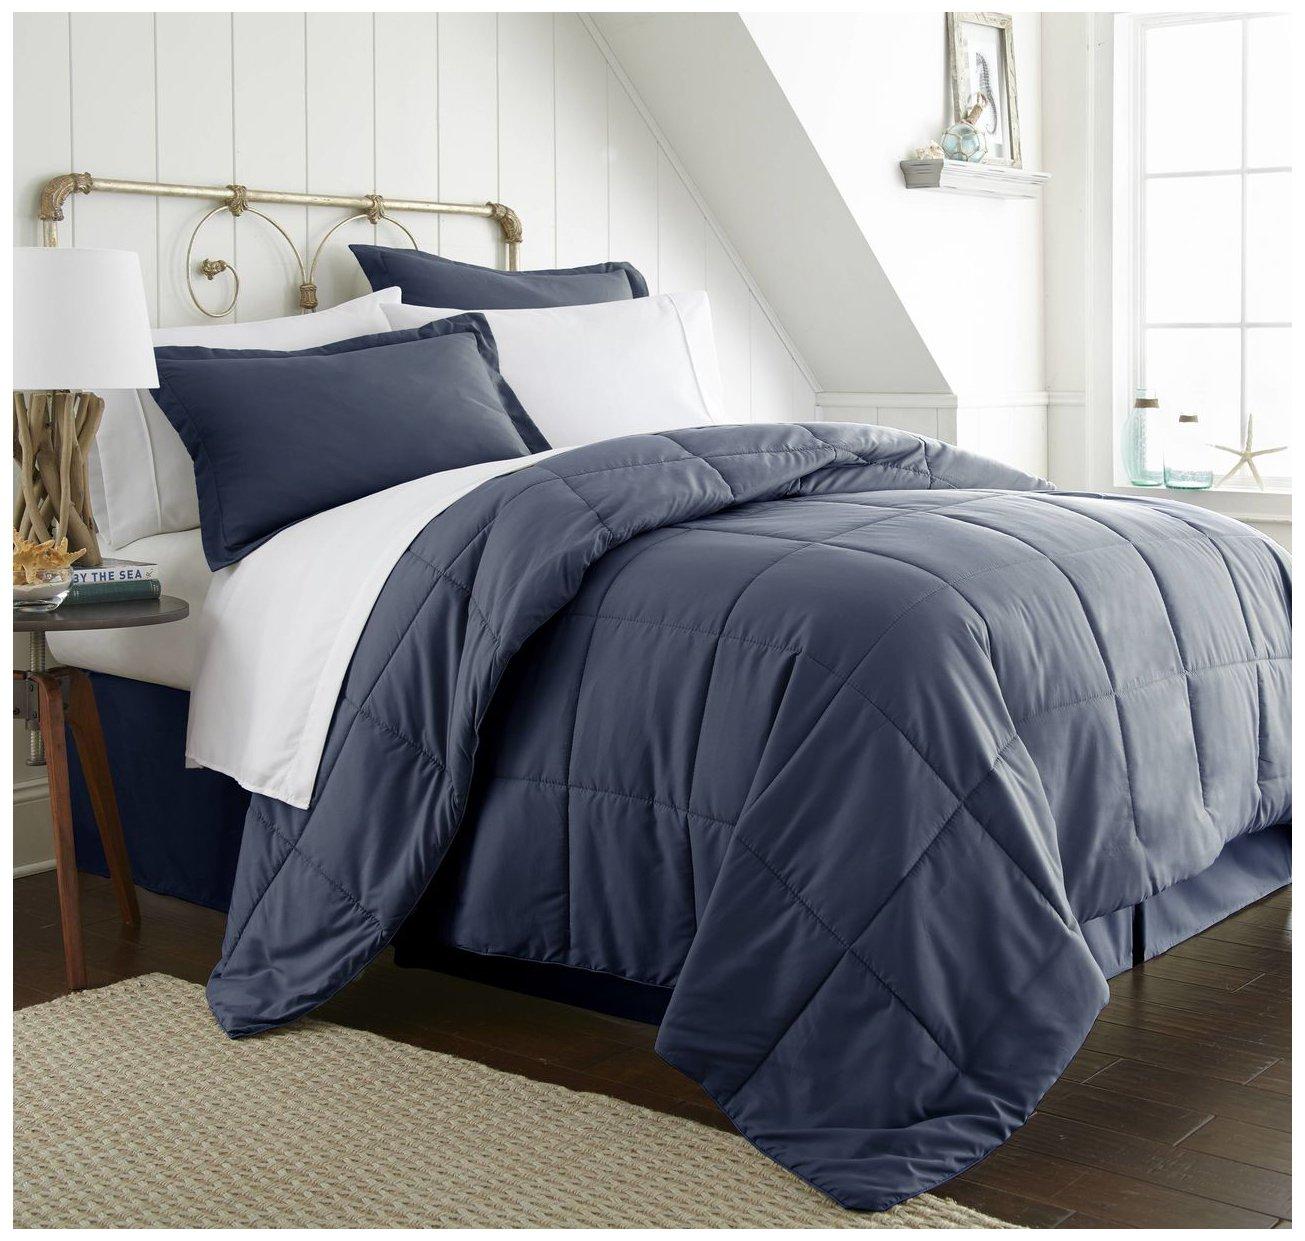 ienjoy Home Bed in a Bag, Queen, Navy